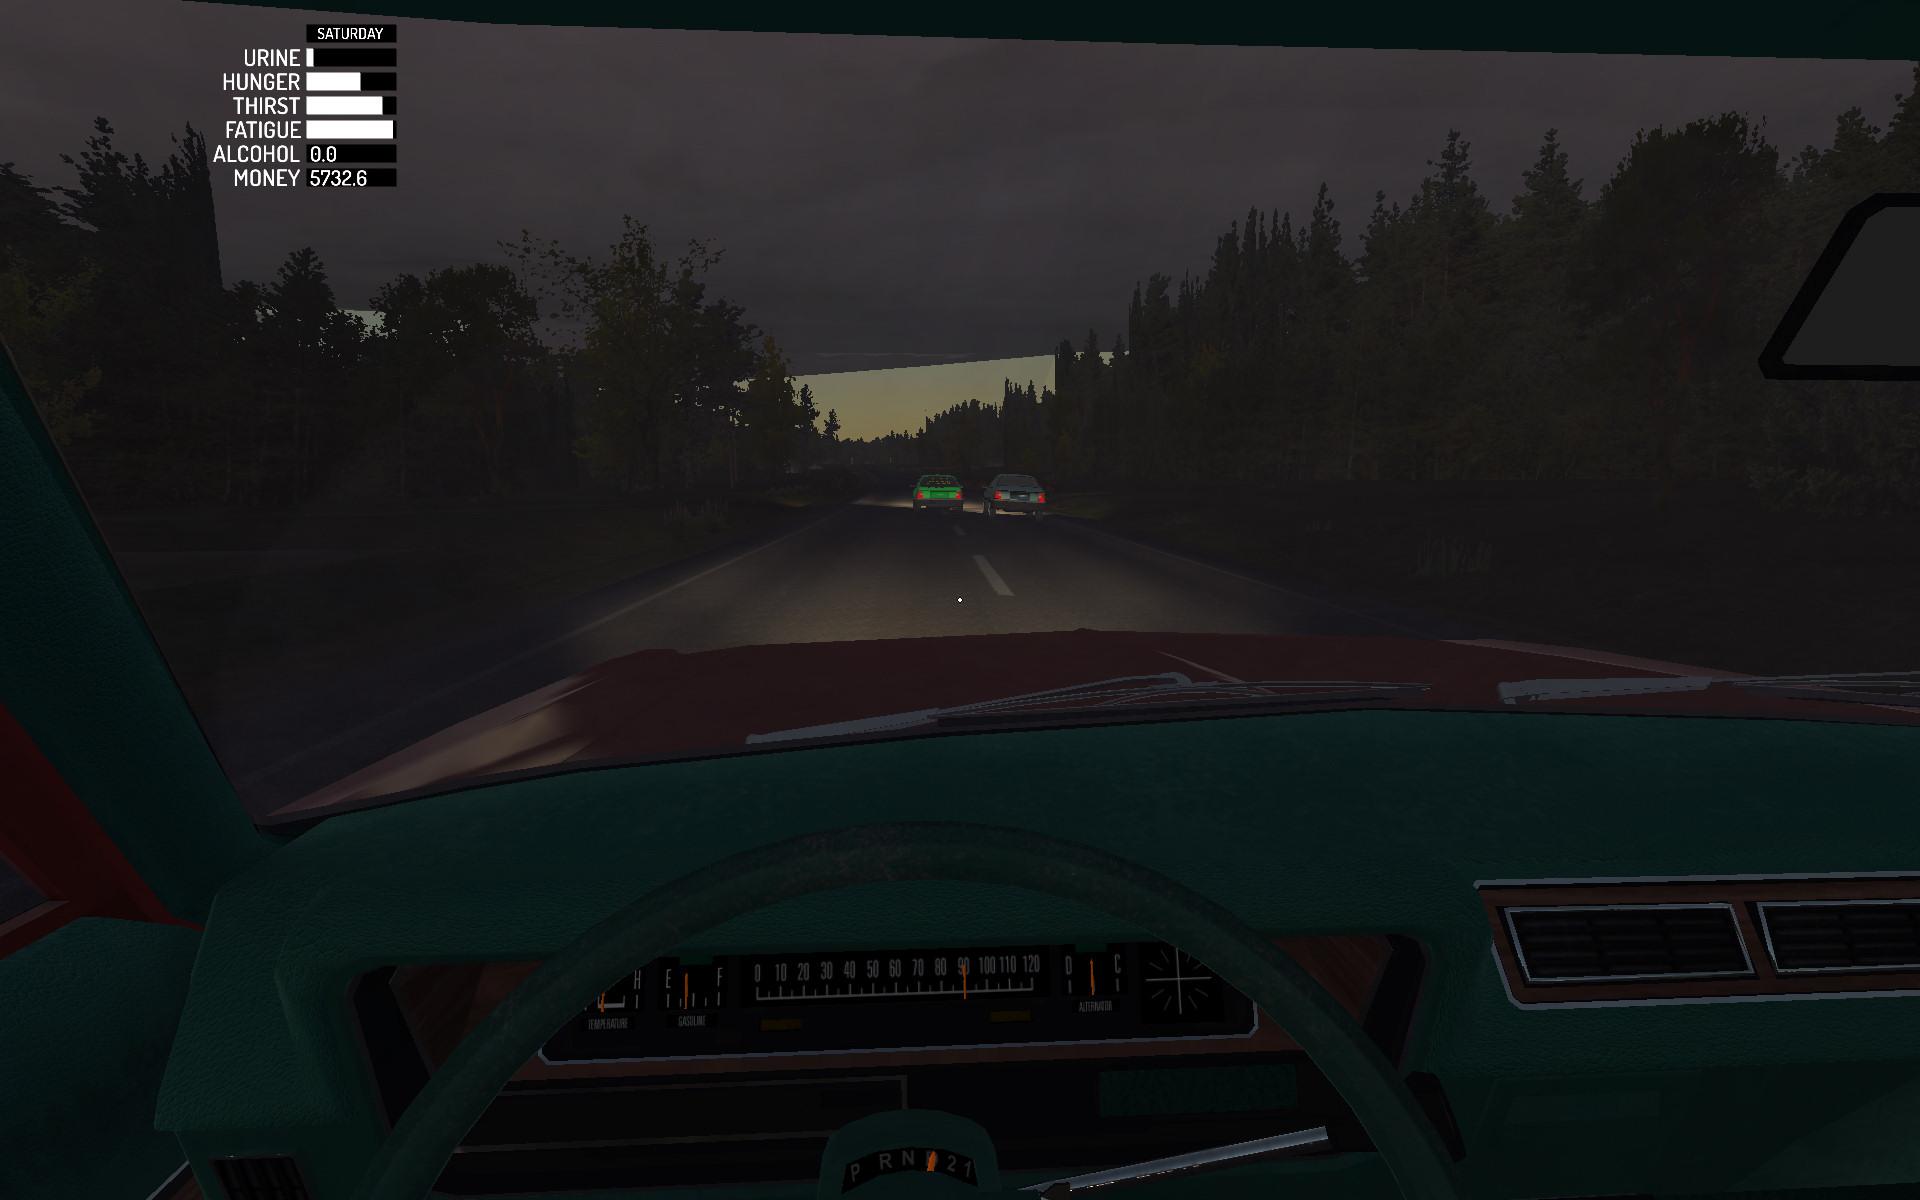 nyt p risee sensaatiomaisin suomalainen kaljoittelu autokohelluspeli hakeutui greenlightiin dome